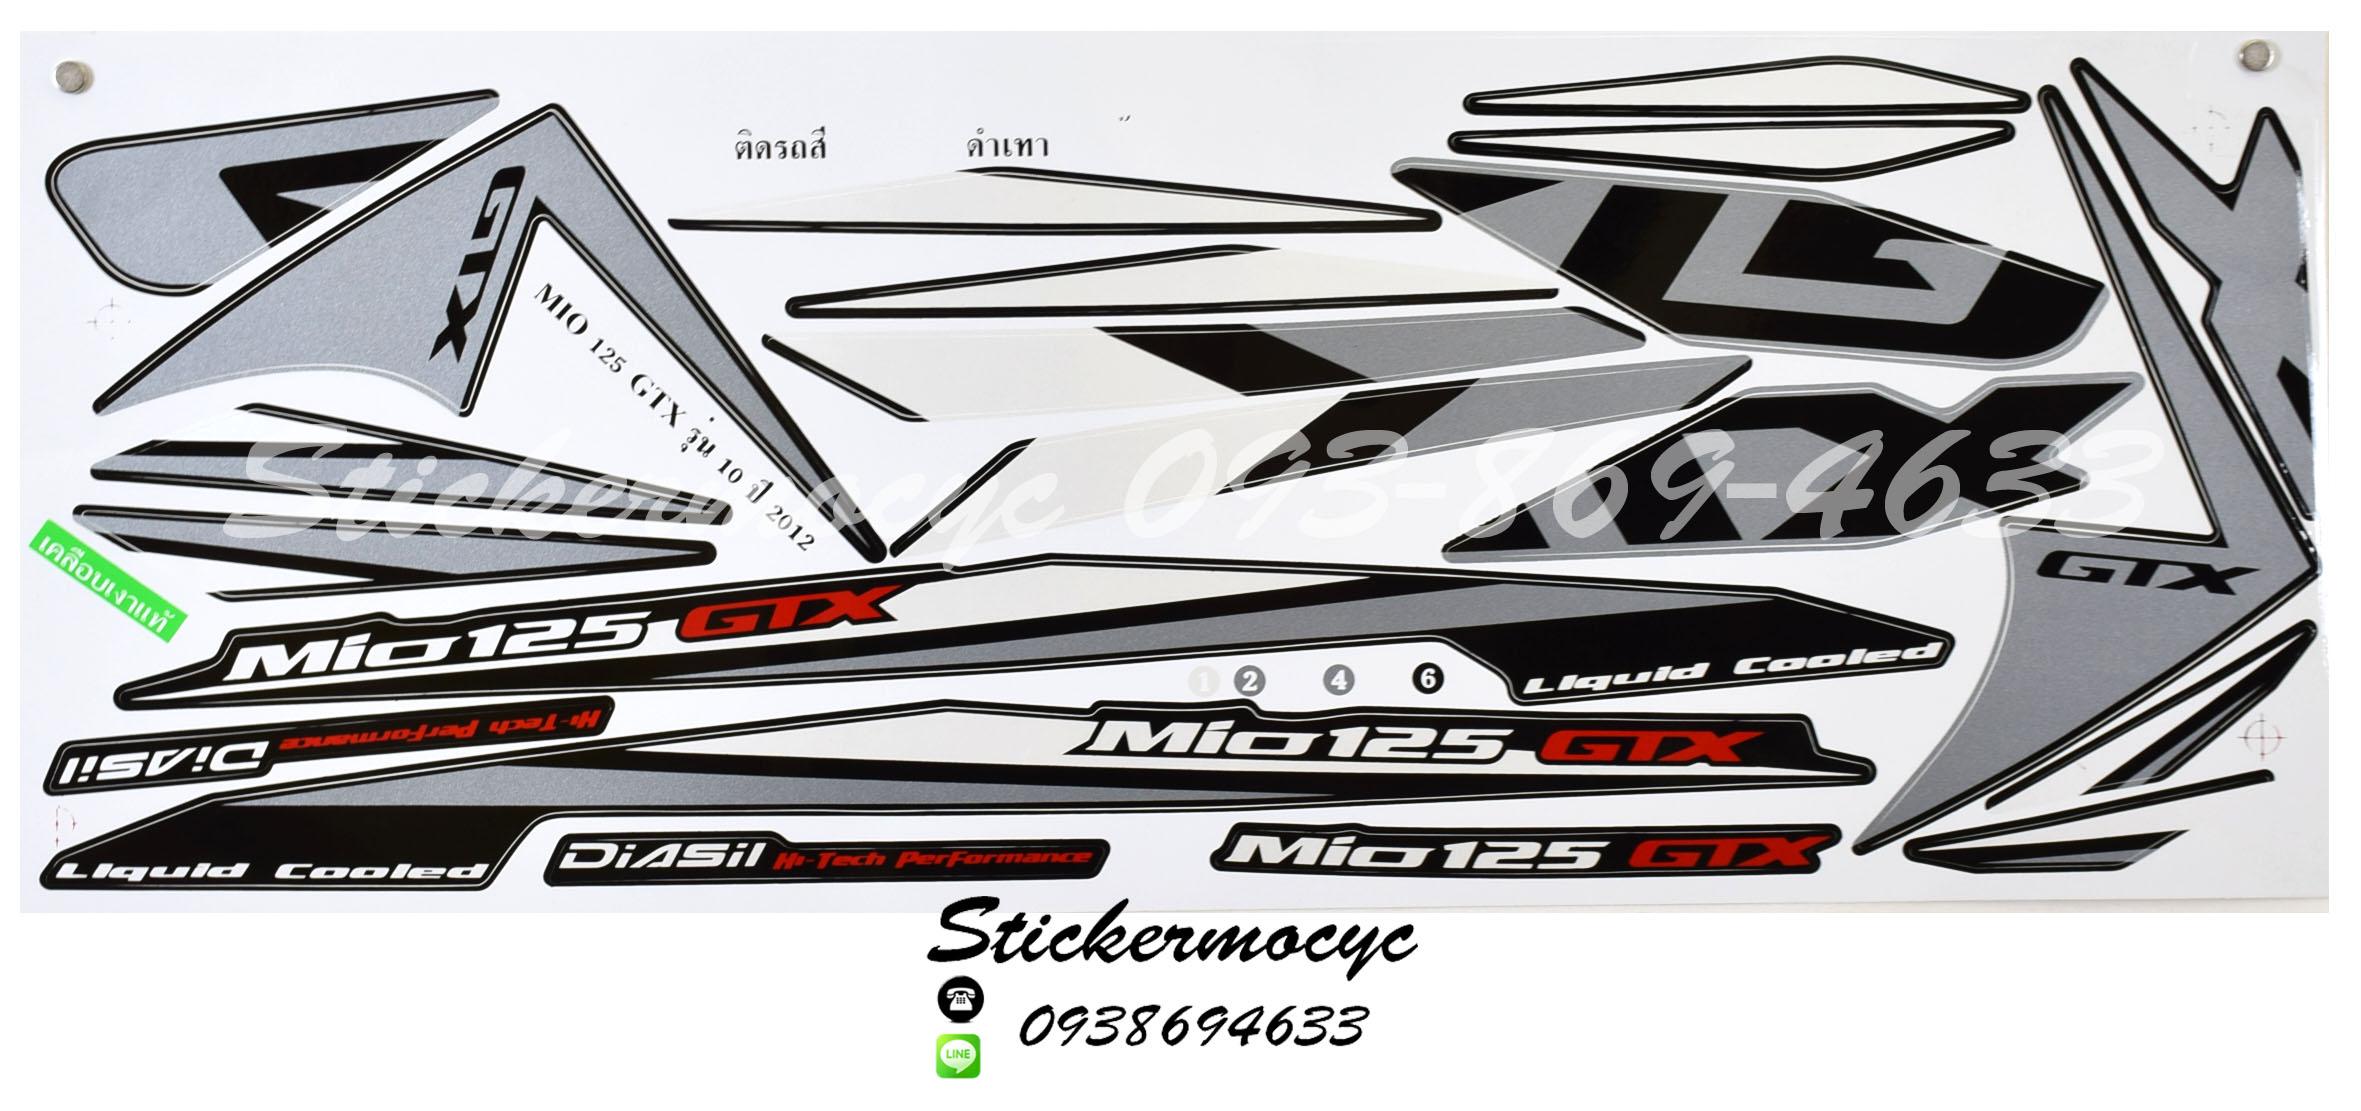 สติ๊กเกอร์ Yamaha Mio 125 รุ่น 10 ปี 2012 GTX ติดรถสี ดำ เทา (เคลือบเงา)